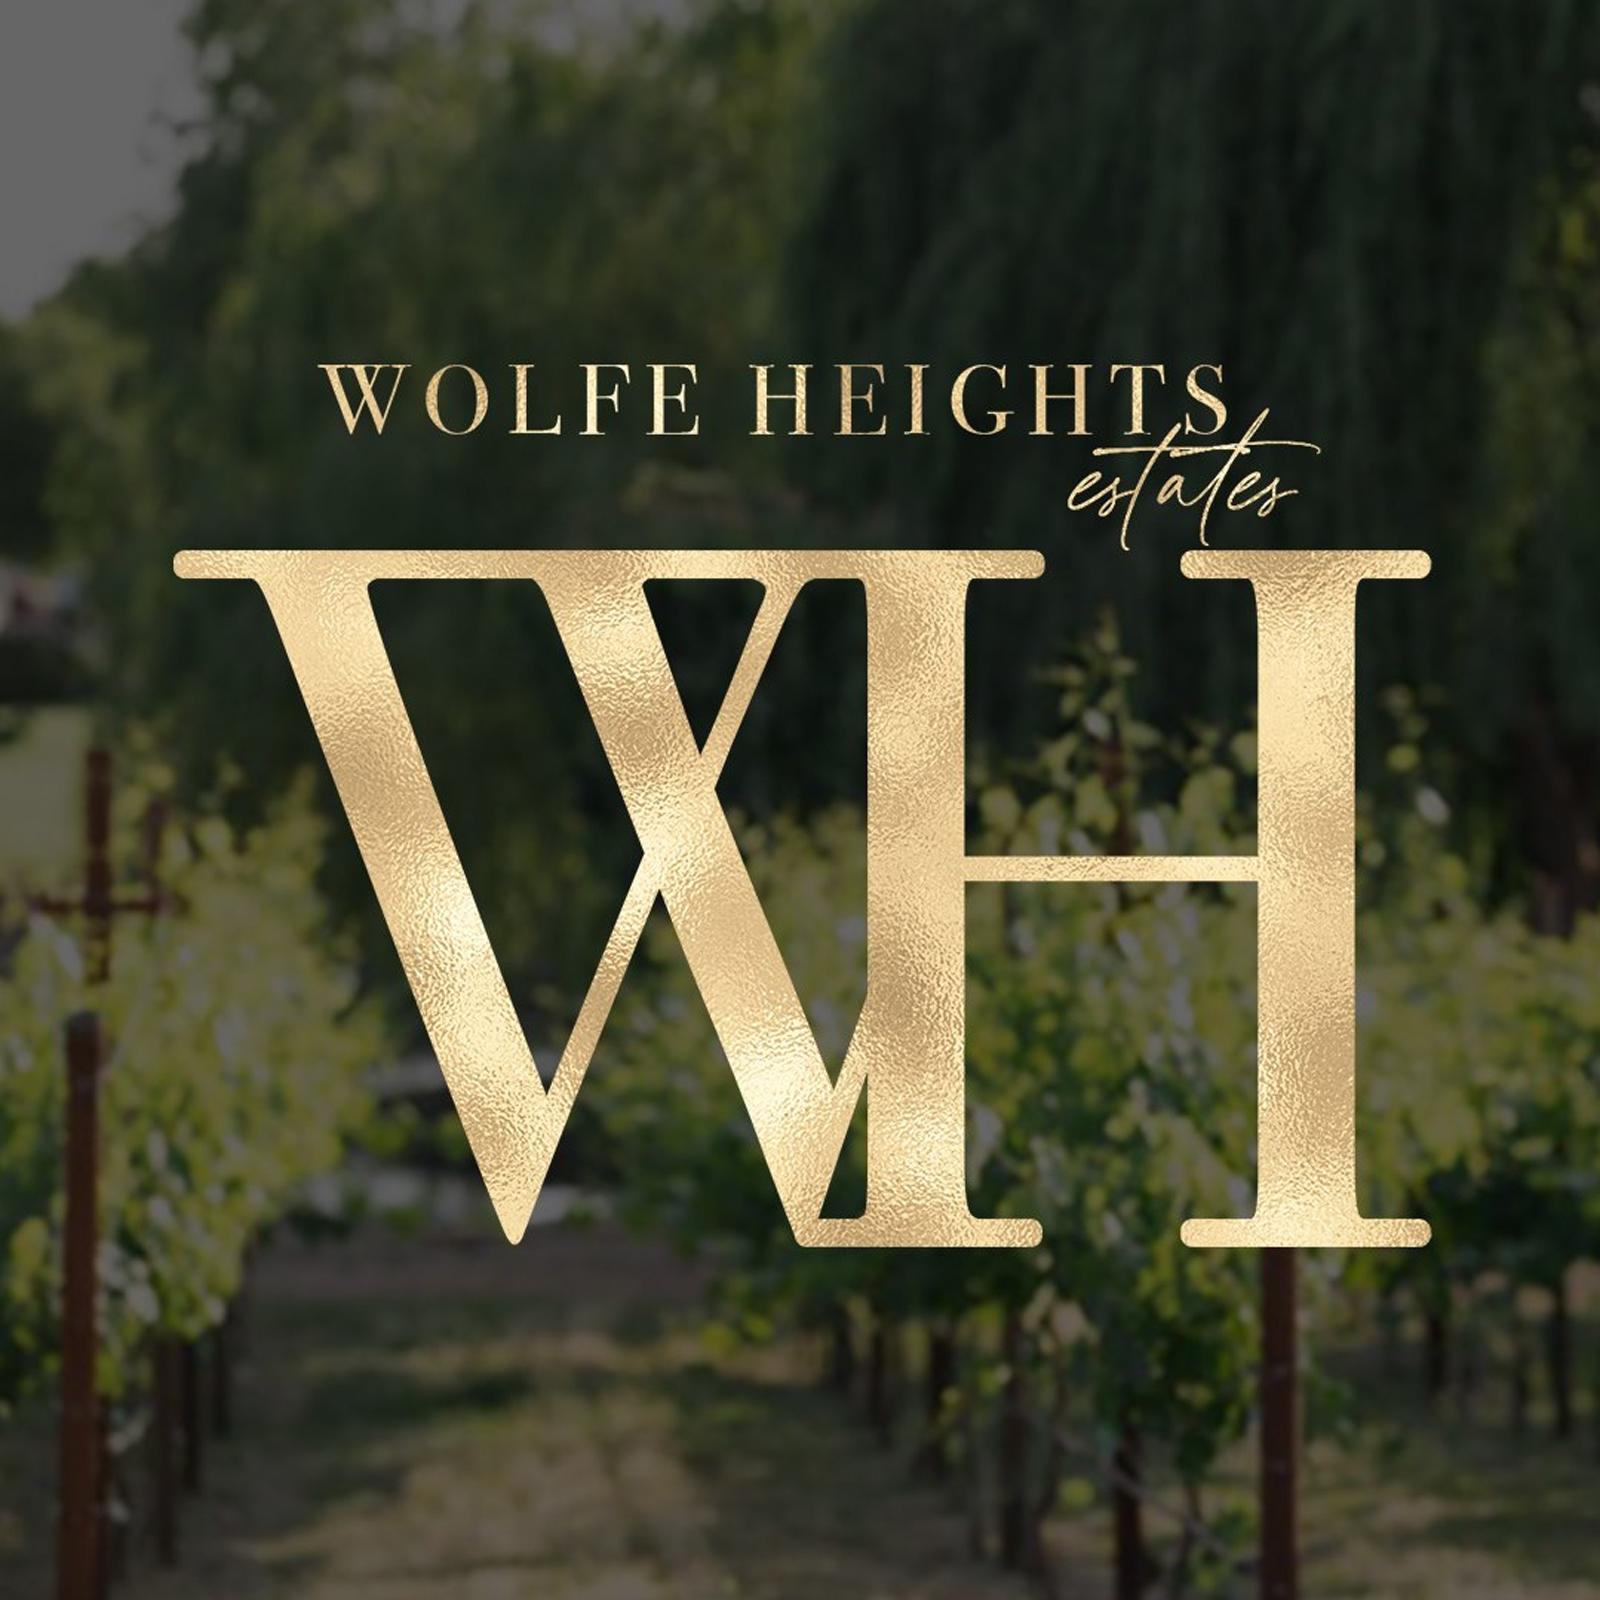 Wolfe Heights Estates